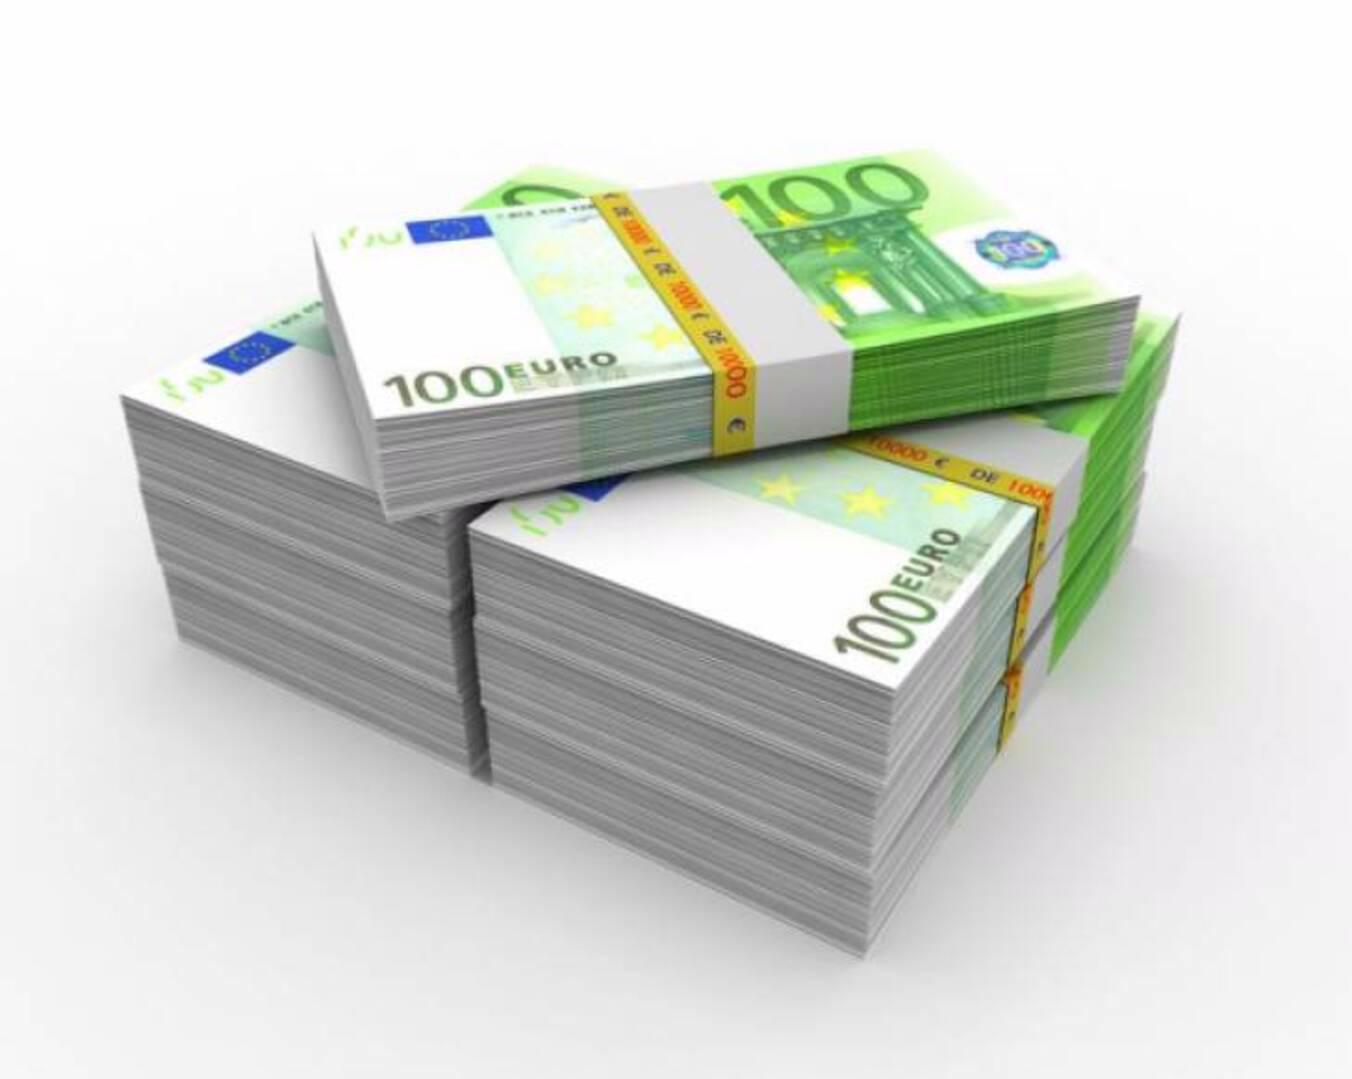 Rychlá a spolehlivá nabídka půjčky do 30 minut - foto 1